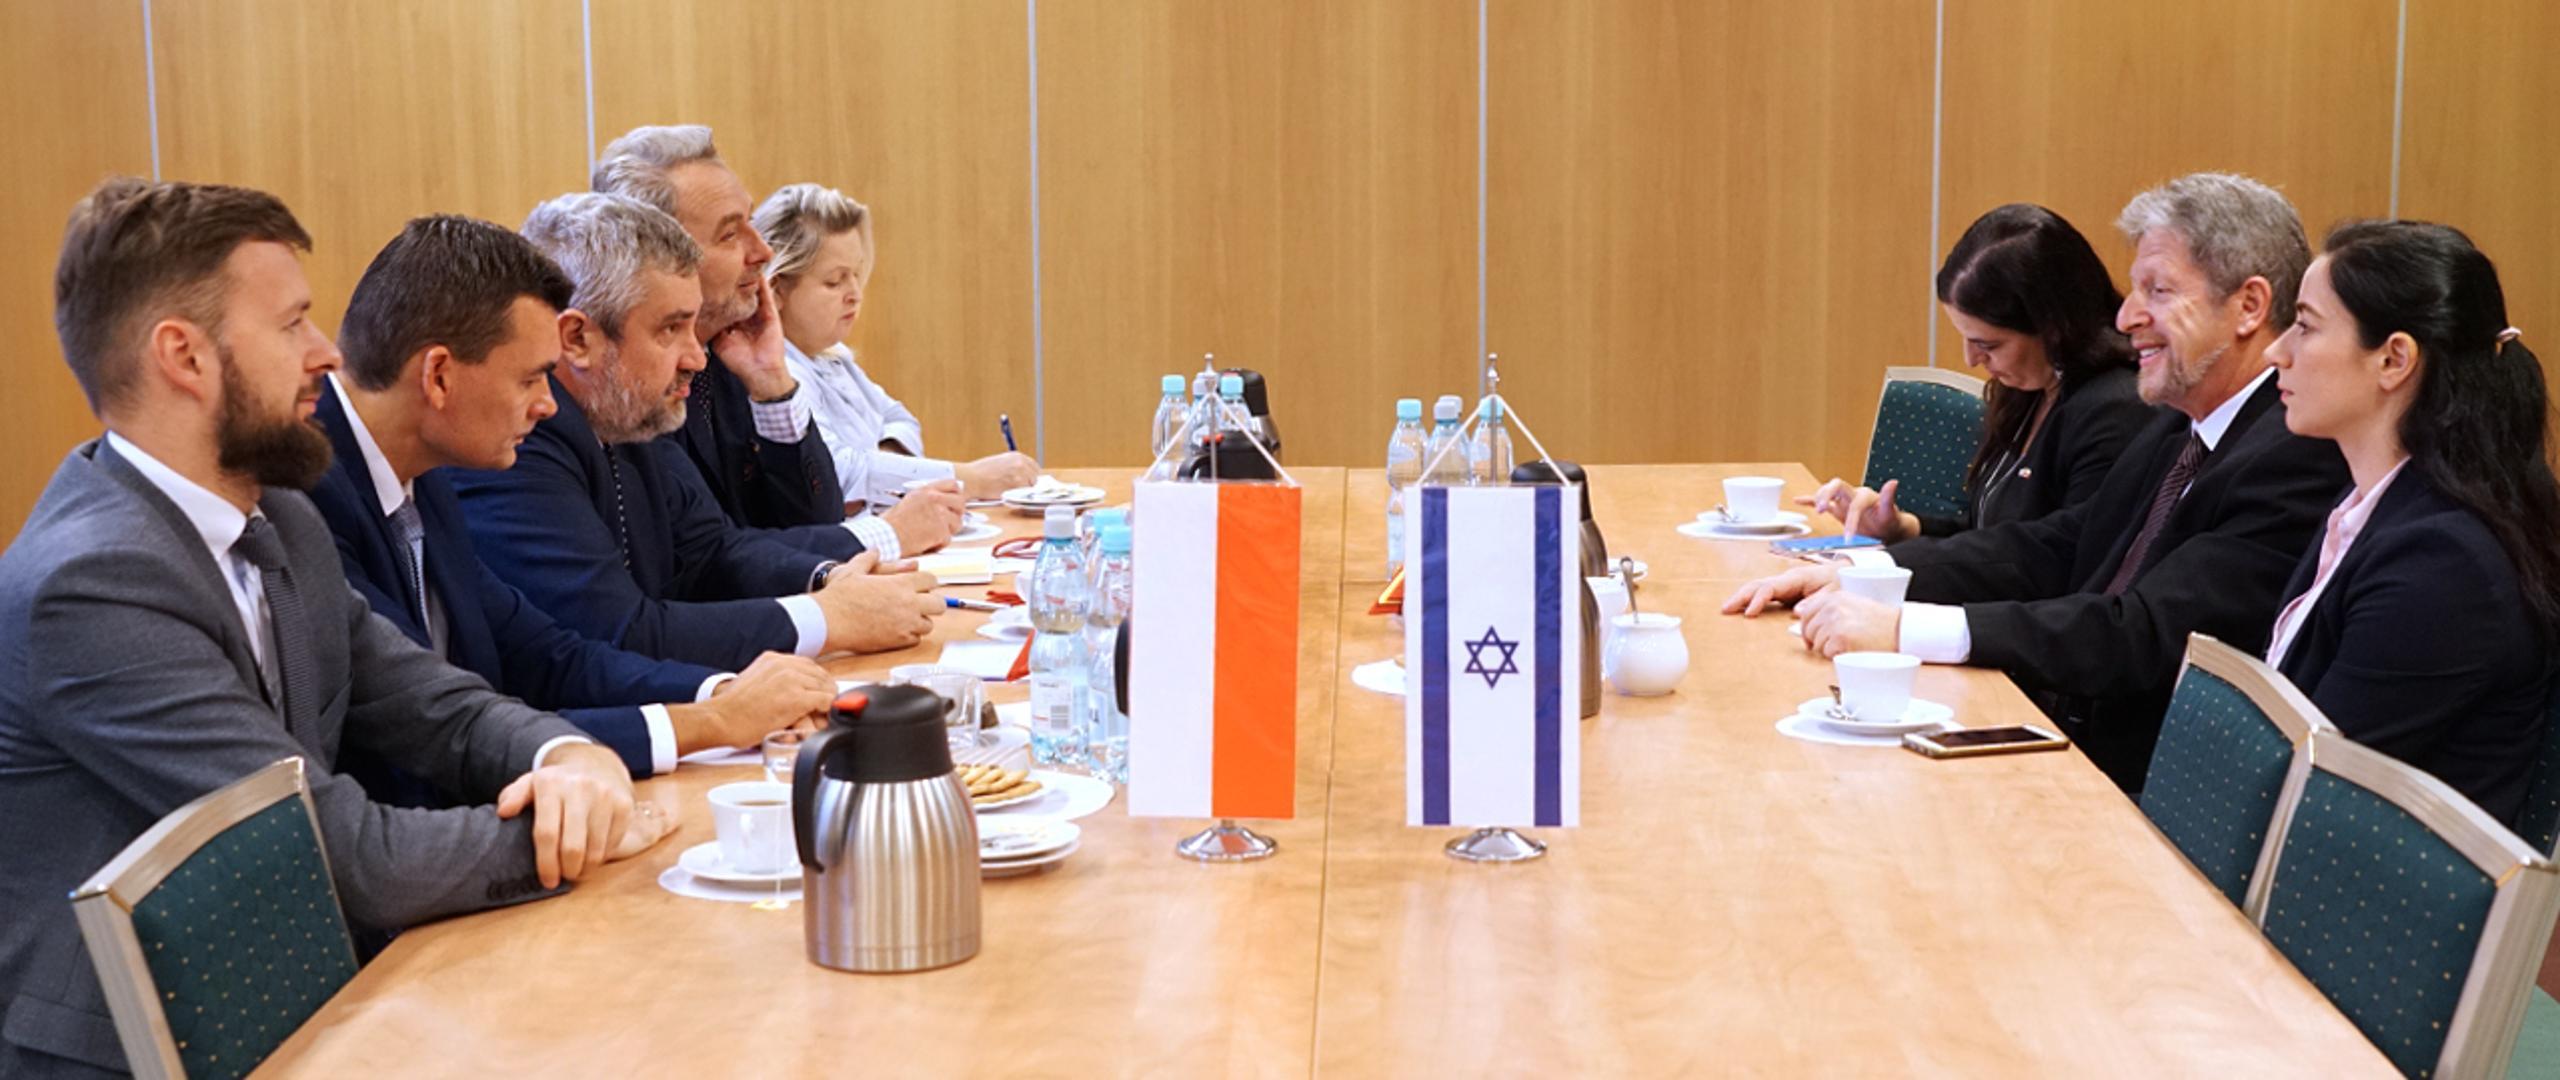 Spotkanie ministra J. K. Ardanowskiego z Ambasadorem Izraela